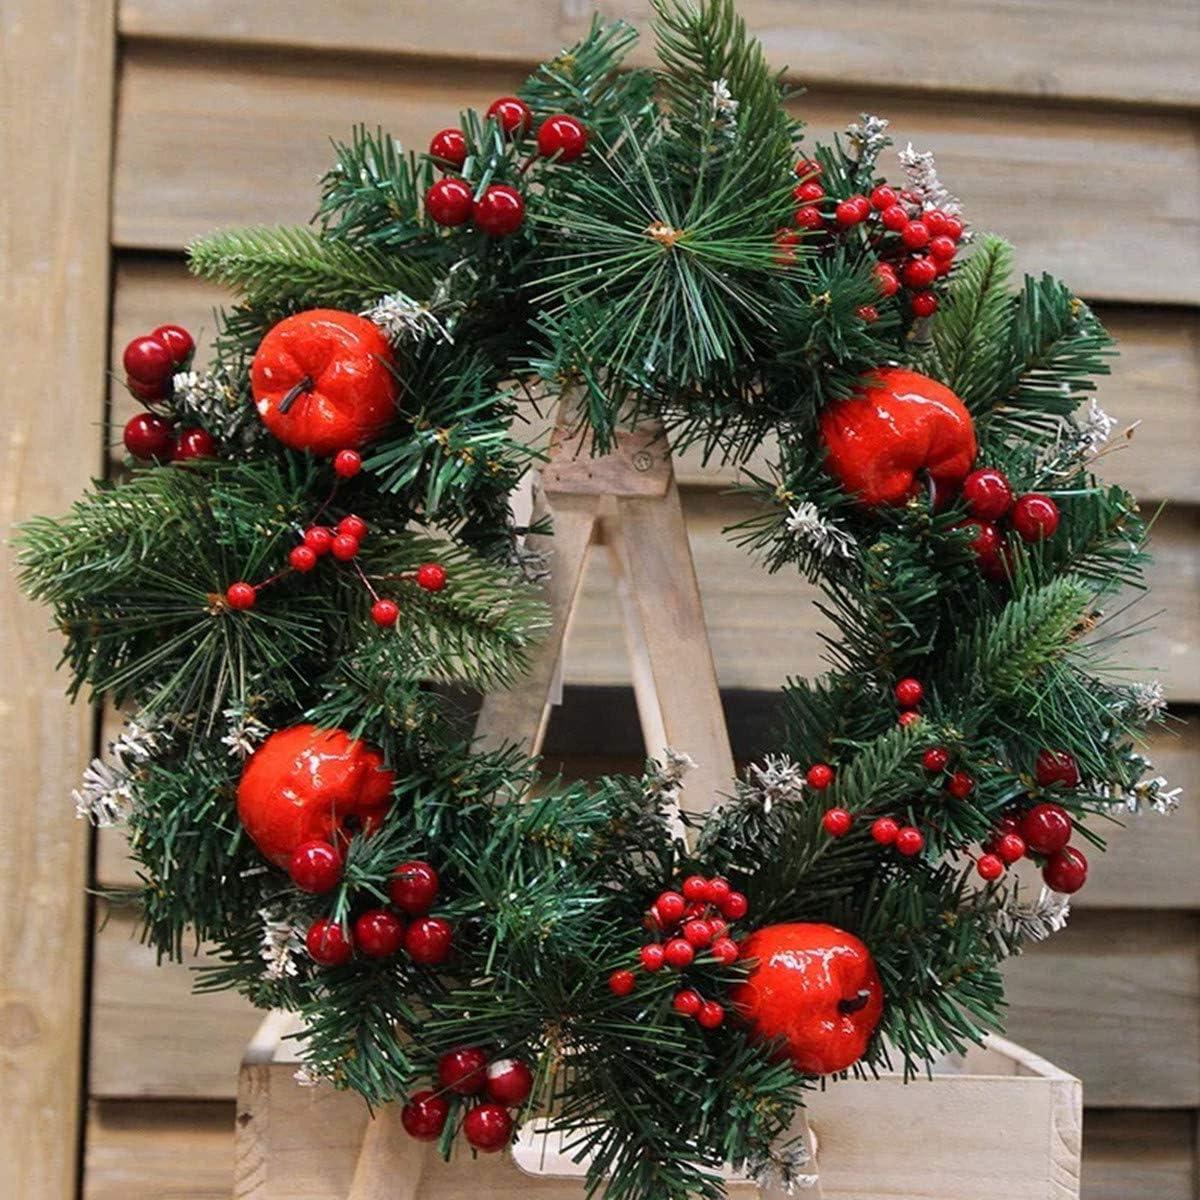 ExeQianming decorazione per albero di Natale Bacche artificiali di agrifoglio rosso da 10 mm ghirlanda fai da te